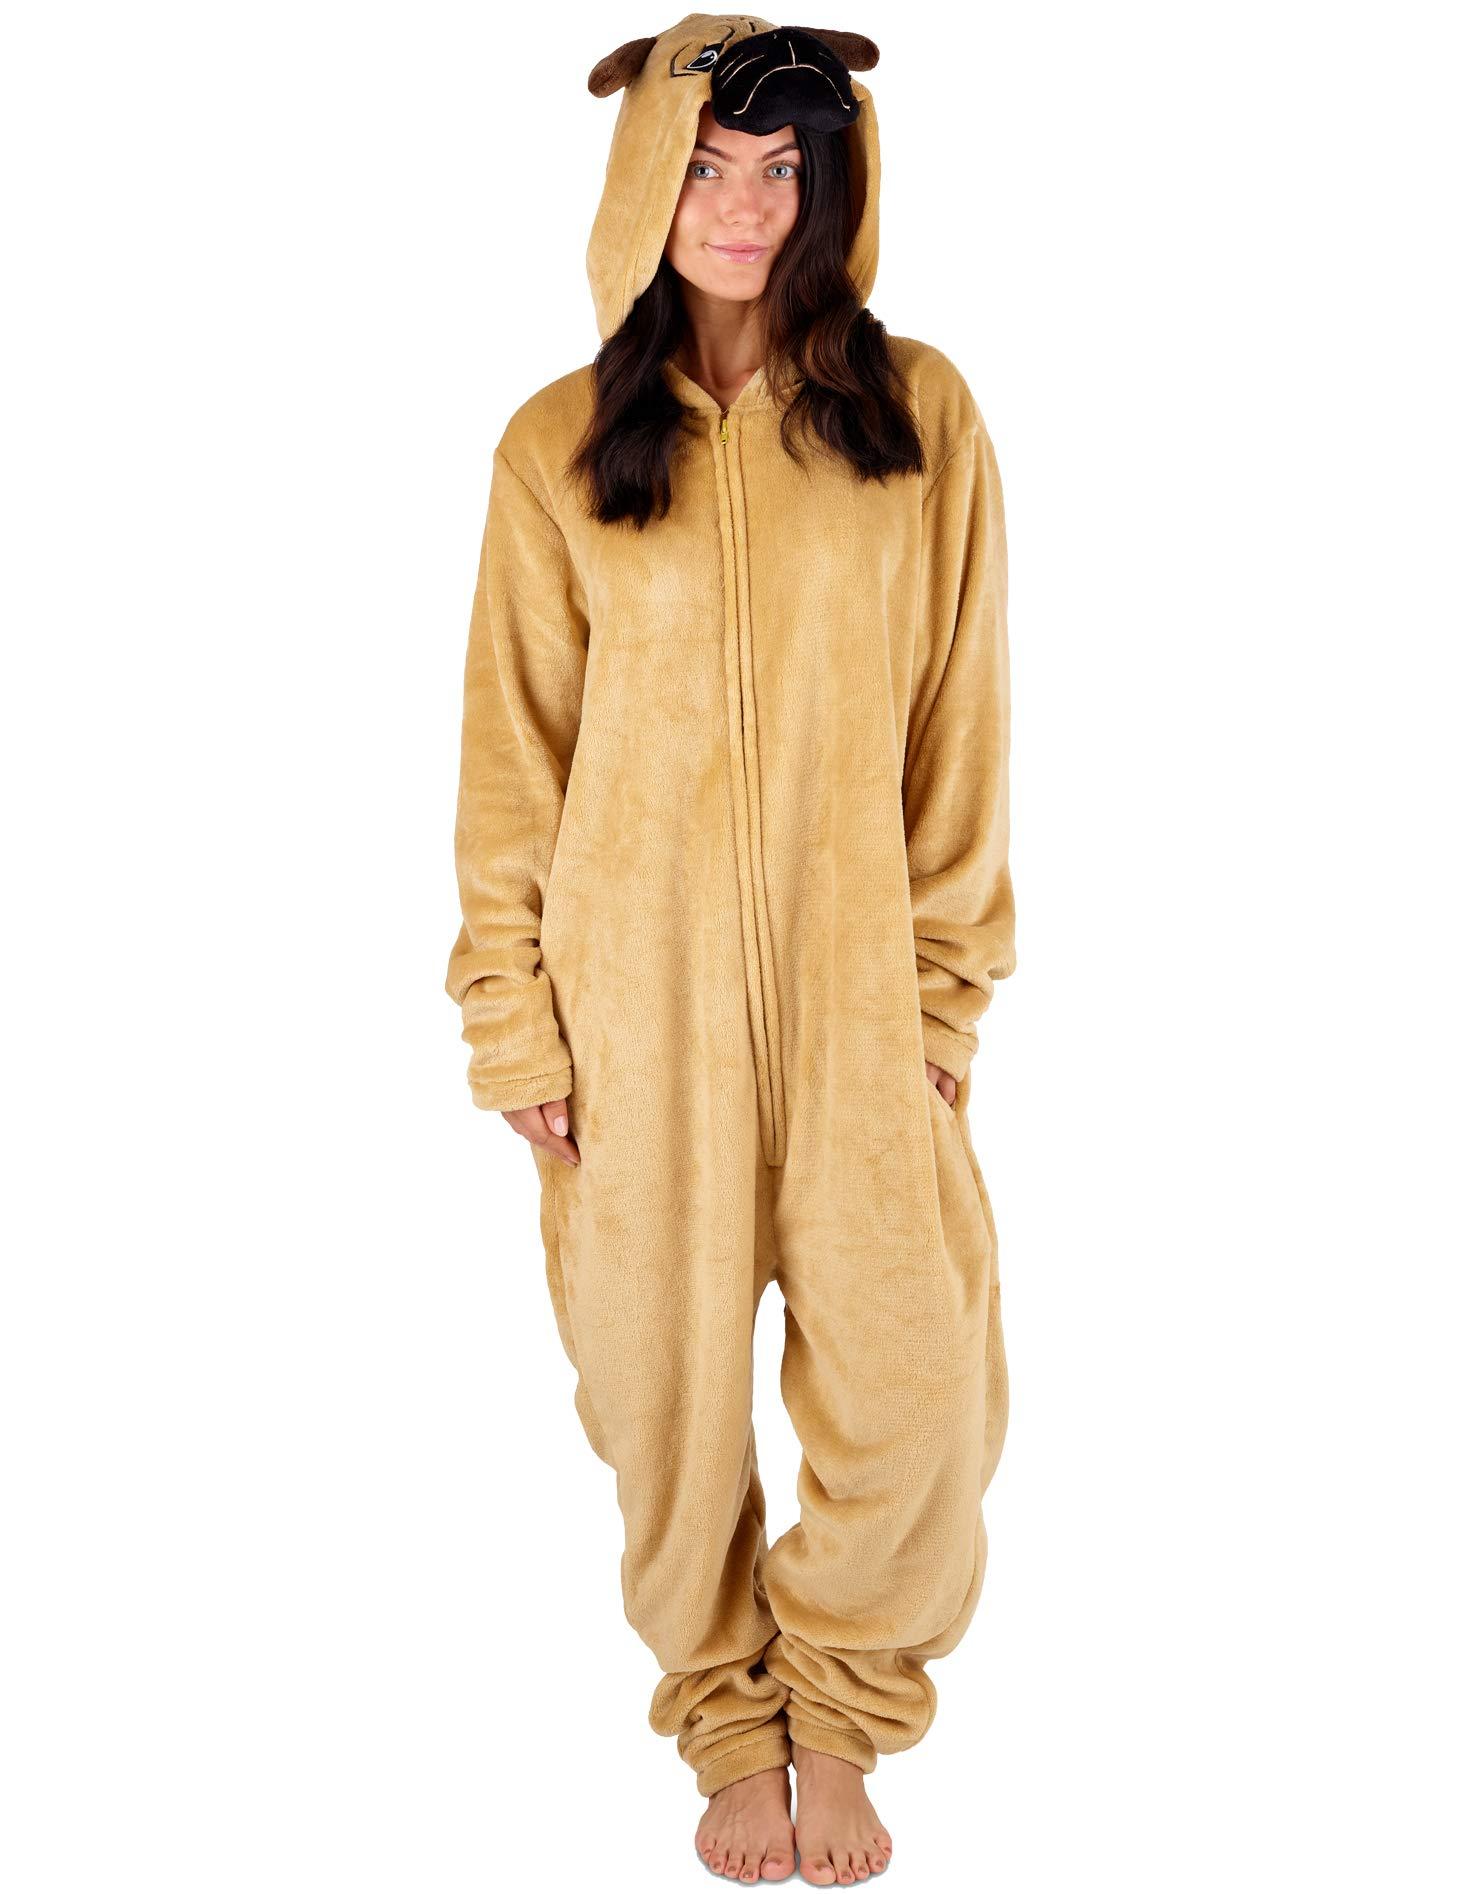 vendita calda online 21098 d46ce Pigiama Donna Intero Tuta Intera Pigiamone Unicorno Koala Coniglio Cane  Carlino Pinguino Dinosauro Gatto Pigiami Animali Cosplay Costume Animale -  ...